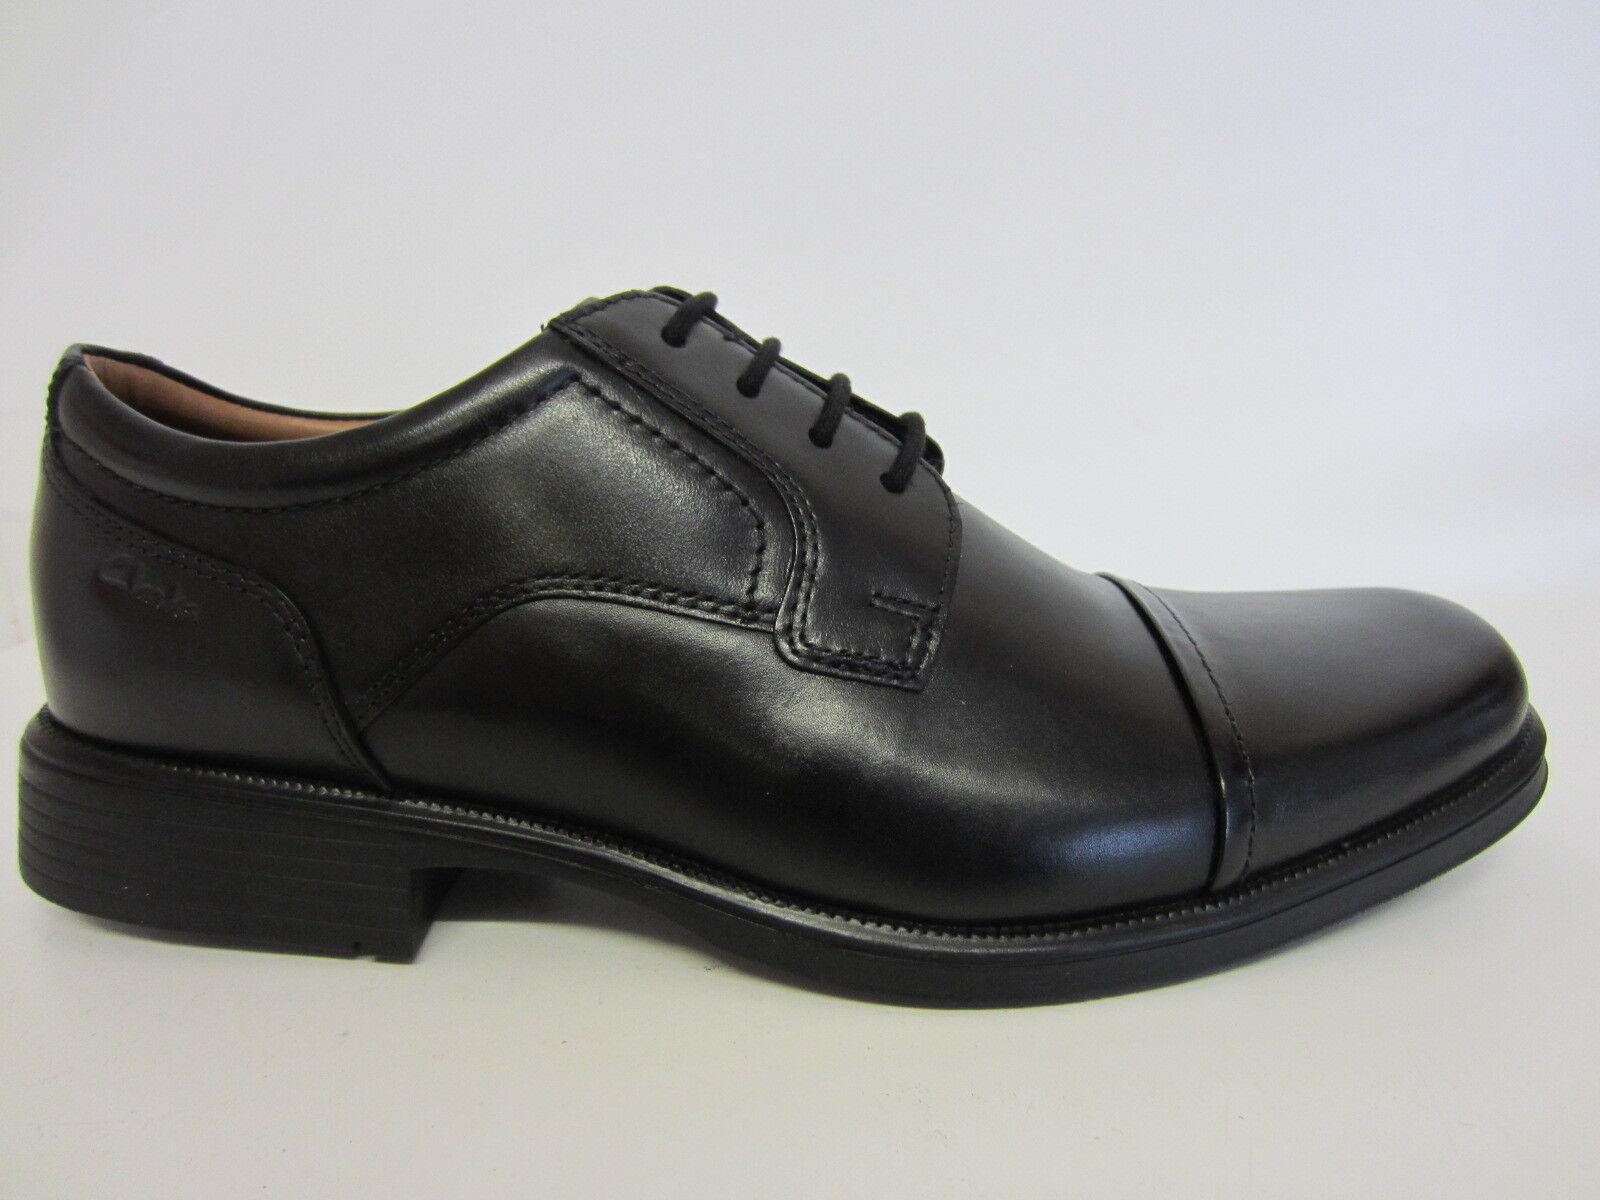 Clarks huckley Kappe Herren schwarze Leder Schuhe G PASSFORM Größen 6 bis 12 (